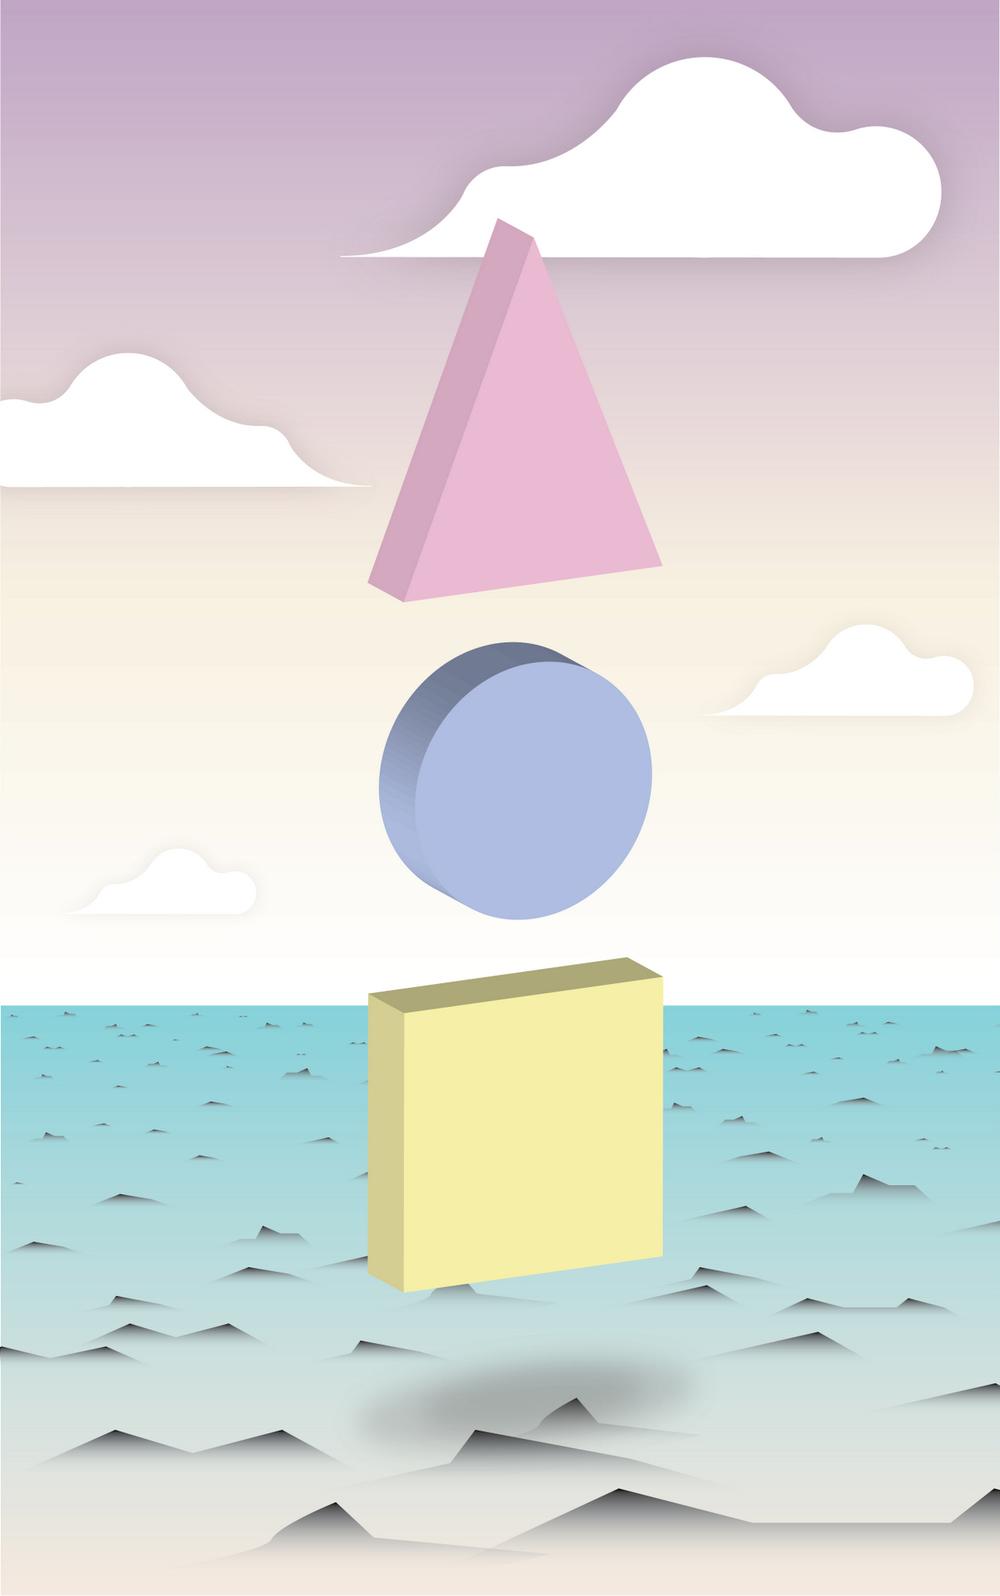 sea-scape-2-01.jpg